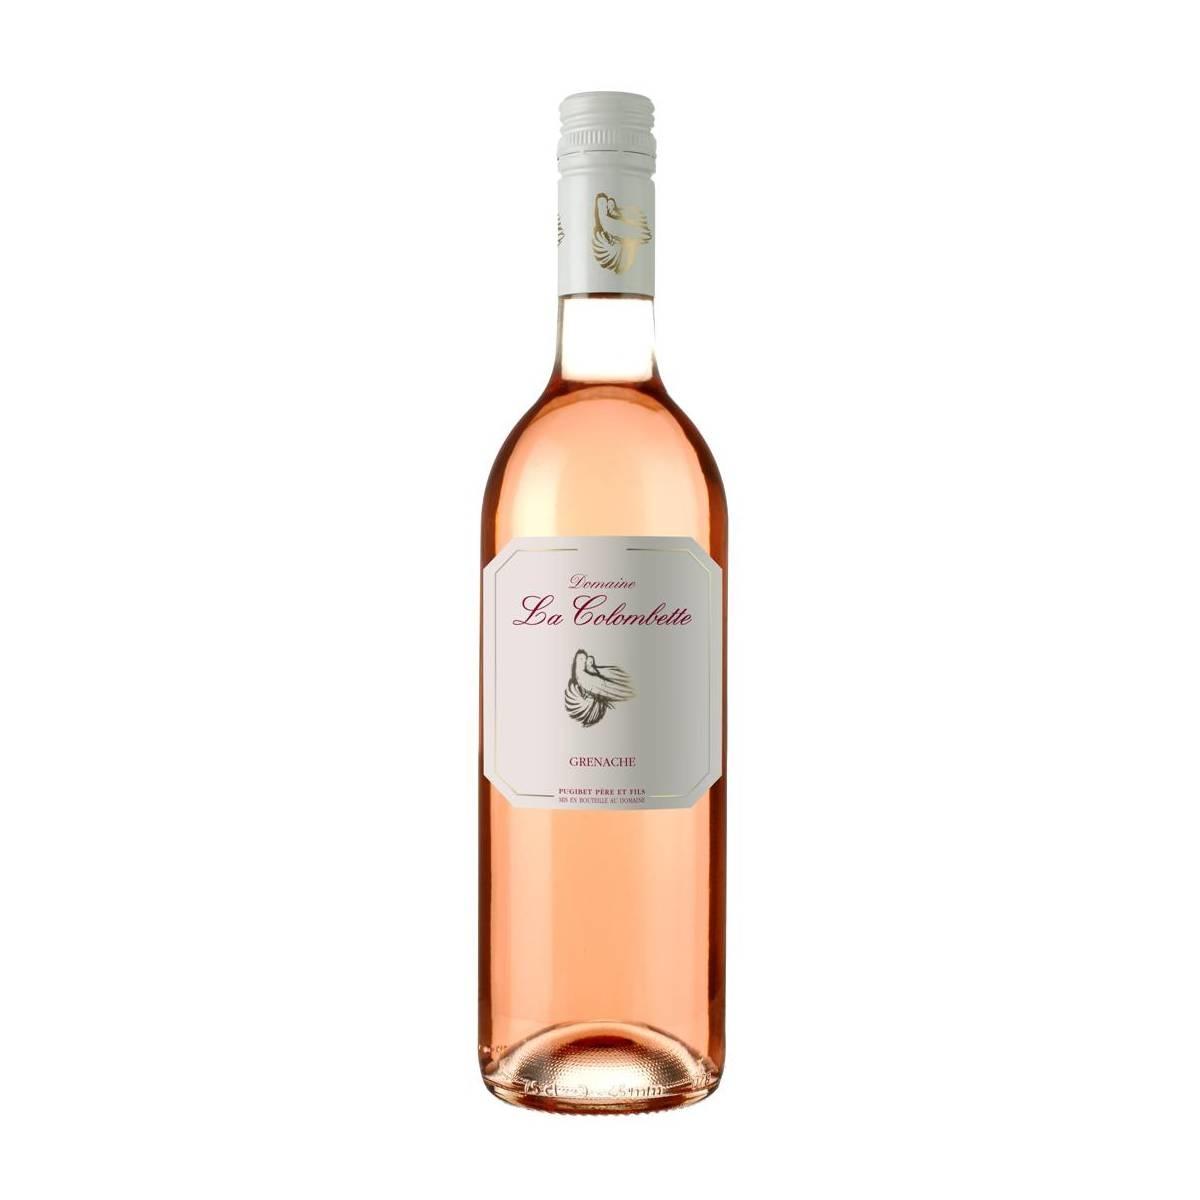 Domaine la Colombette Rosé 2020